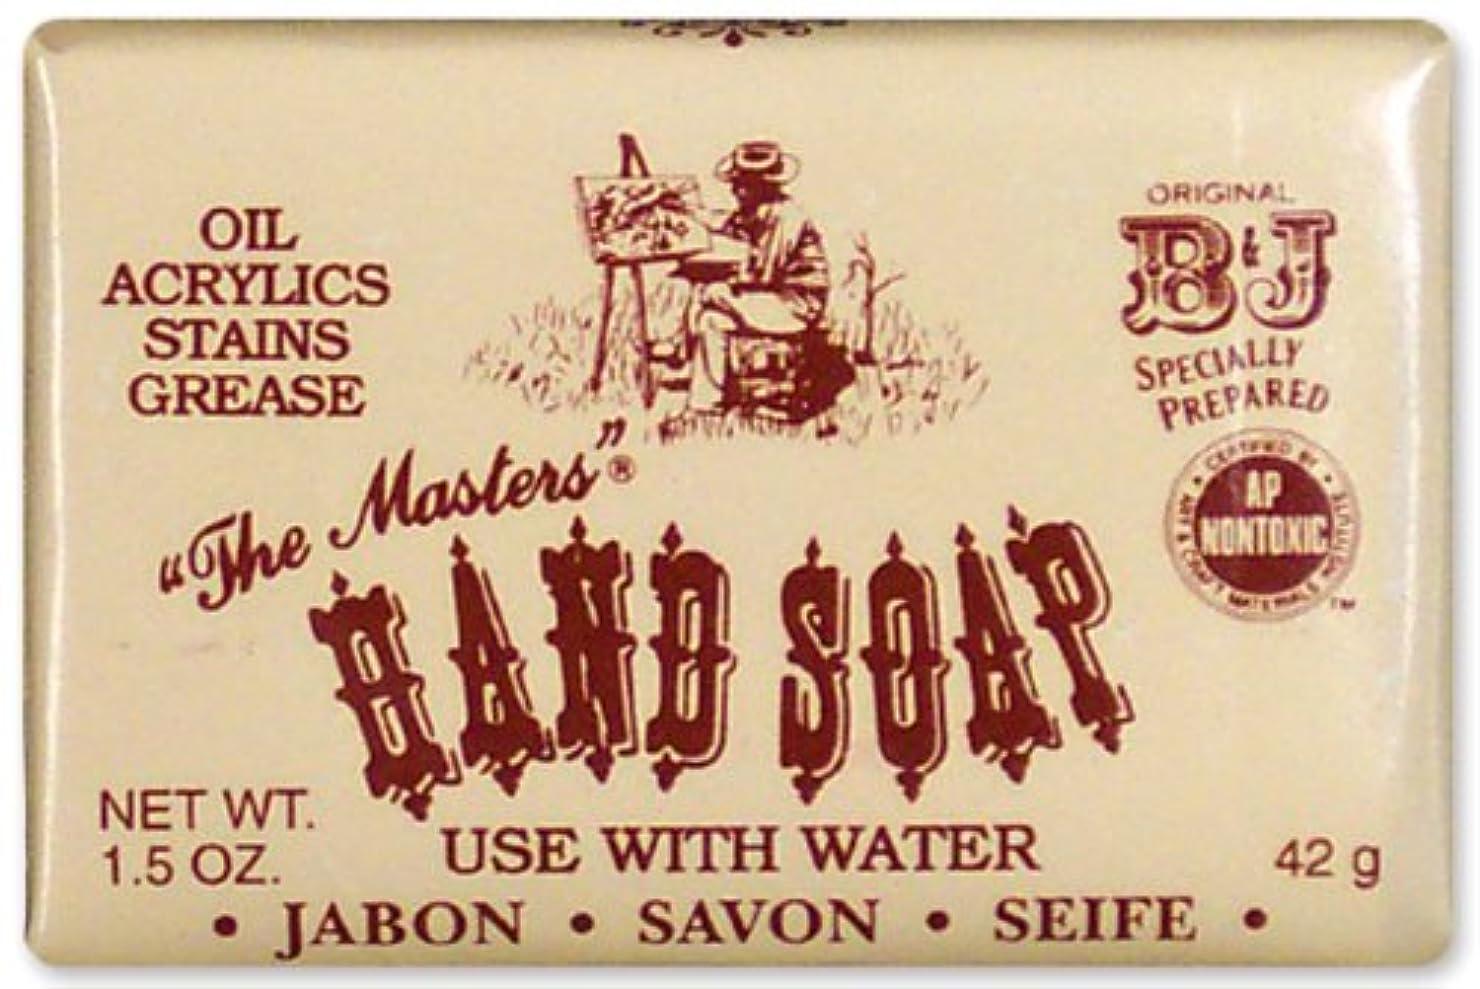 意義奇跡大きいThe Master's Hand Soap-1.4oz (並行輸入品)